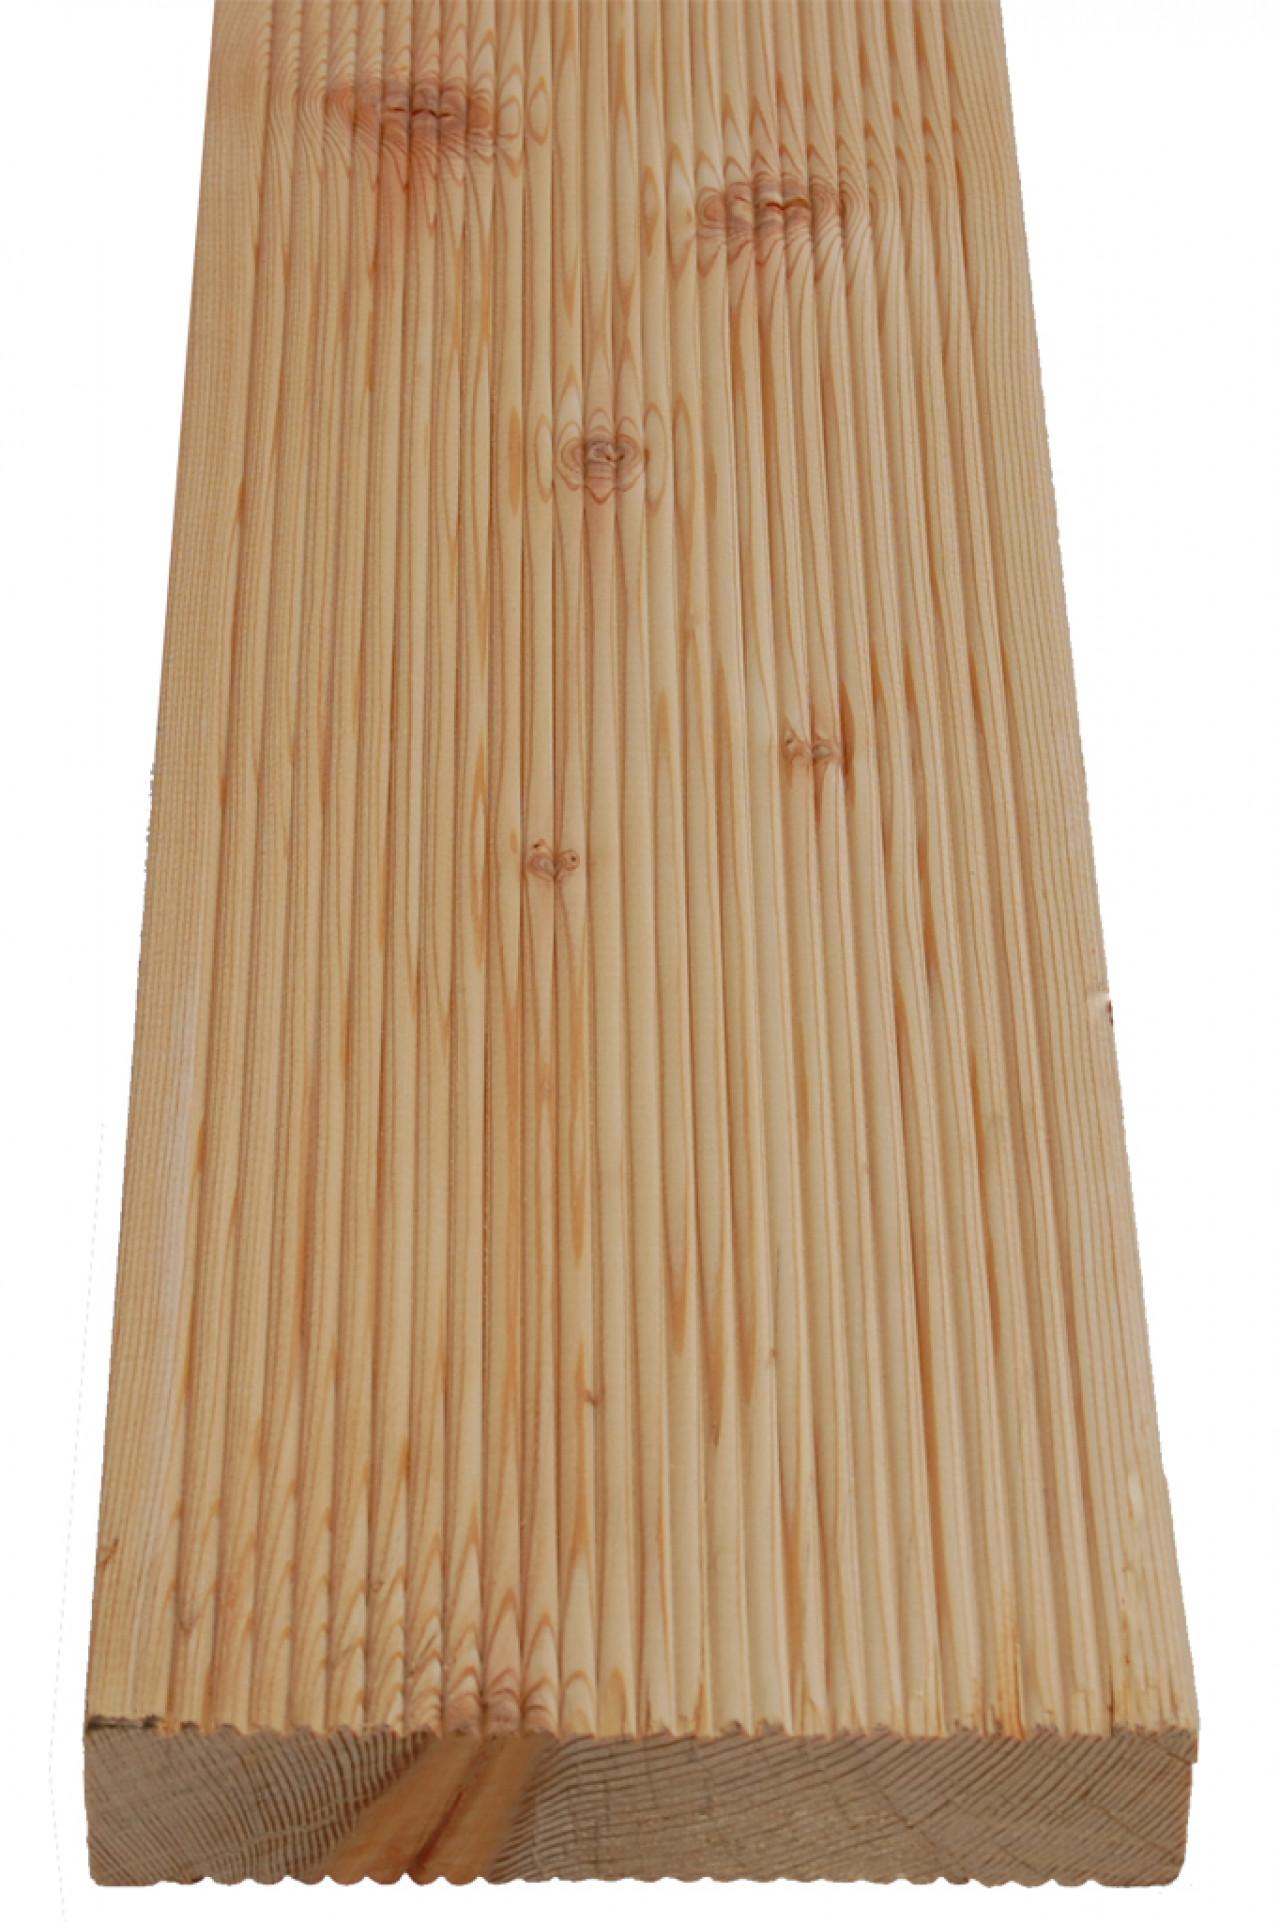 Deska tarasowa ryflowana Modrzew Syberyjski 28 x 142 x 2500 mm - Surowa - klasa AB - drobny ryfel